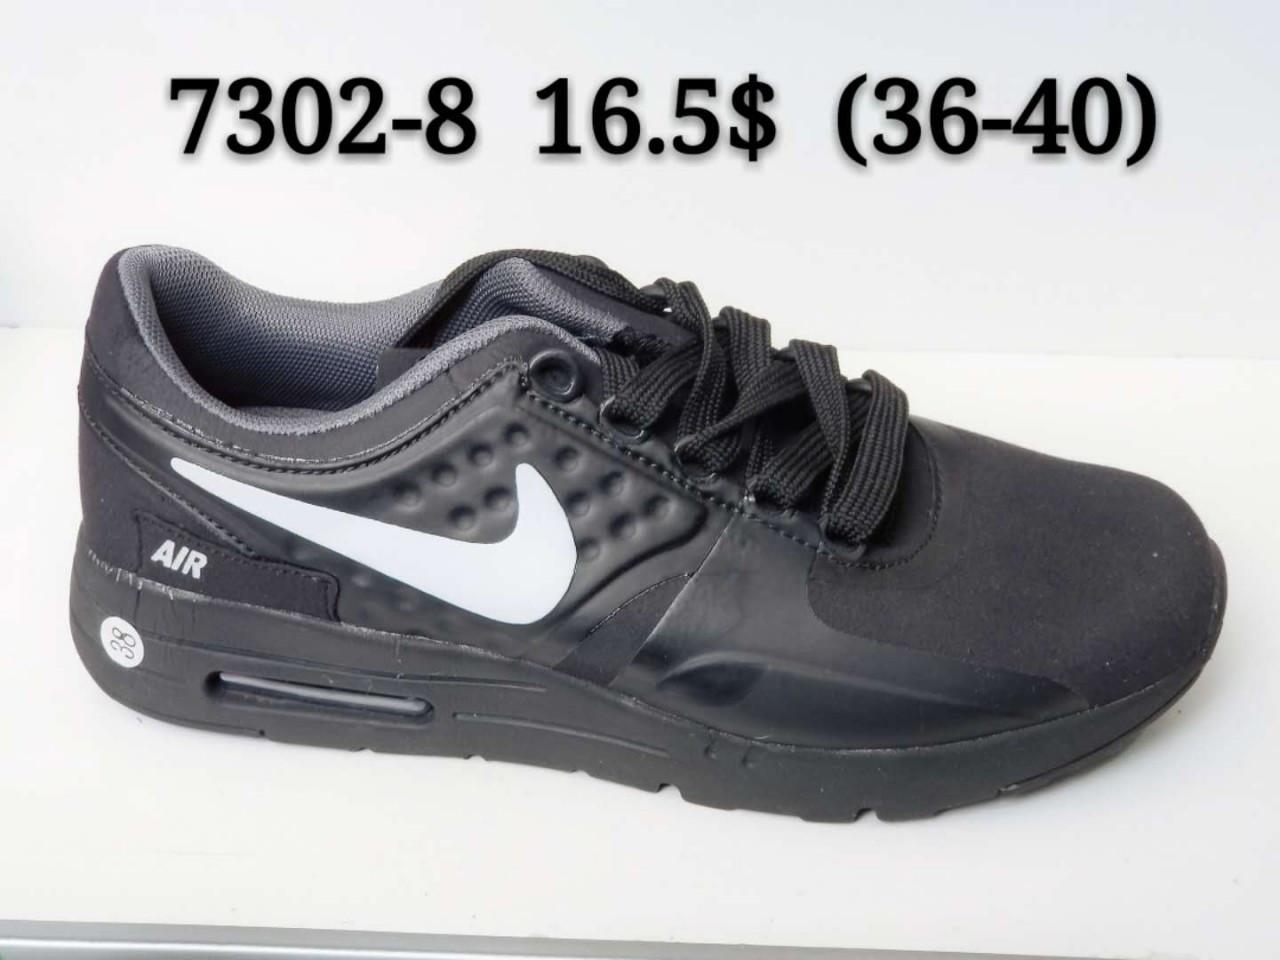 Кроссовки подросток Nike Air MAX оптом (36-40)